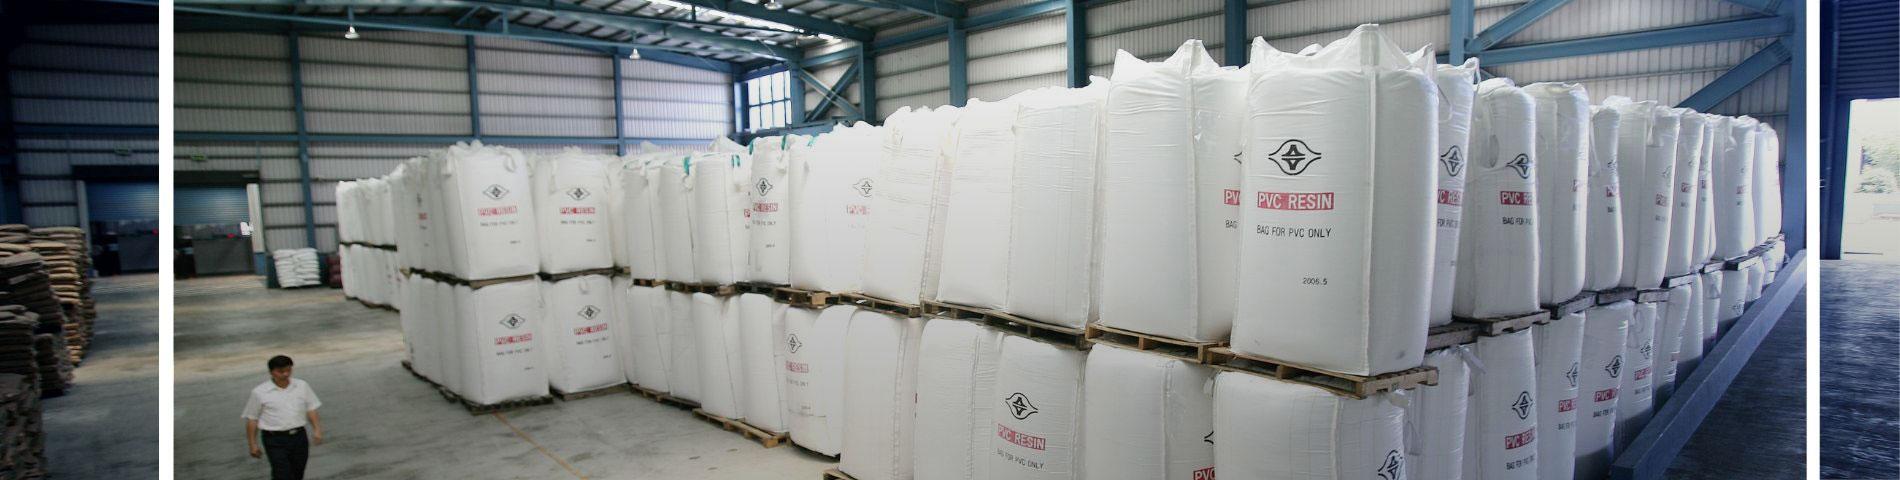 راتينج PVC البكر والمواد الخام